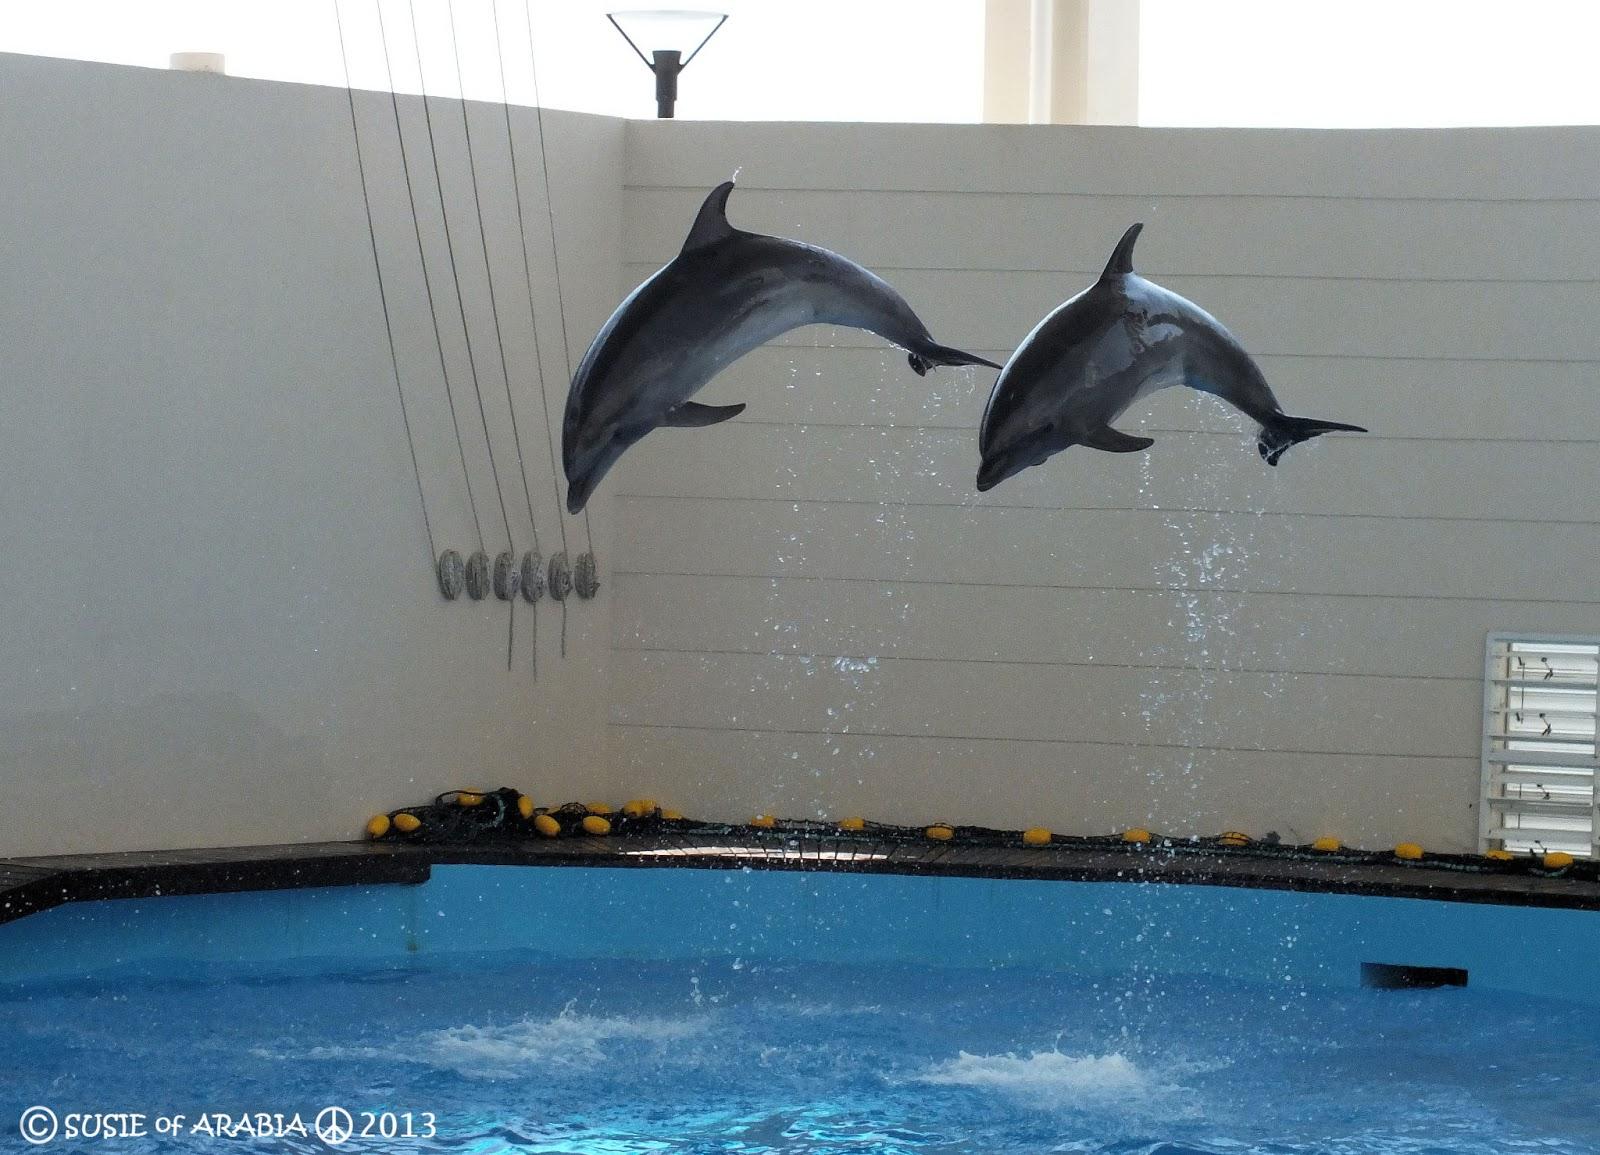 Fish aquarium in jeddah - Fakieh Aquarium